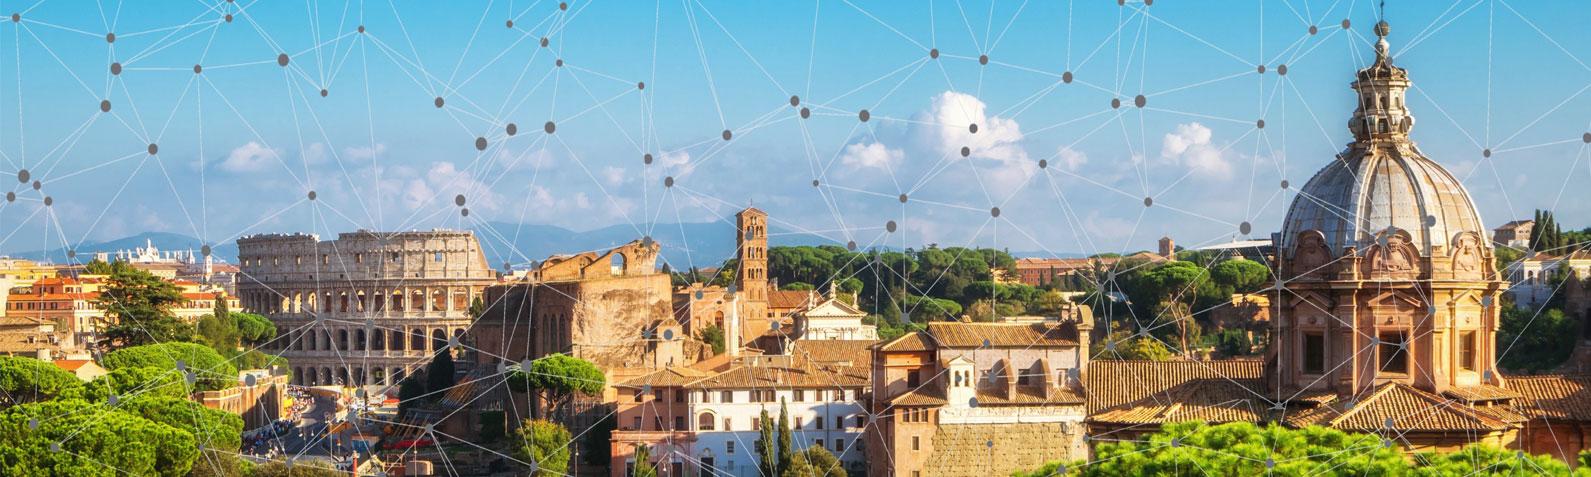 ROMA SMART CITY 2030, AL VIA IN CAMPIDOGLIO TAVOLI TEMATICI CON IMPRESE. OBIETTIVO EXPO